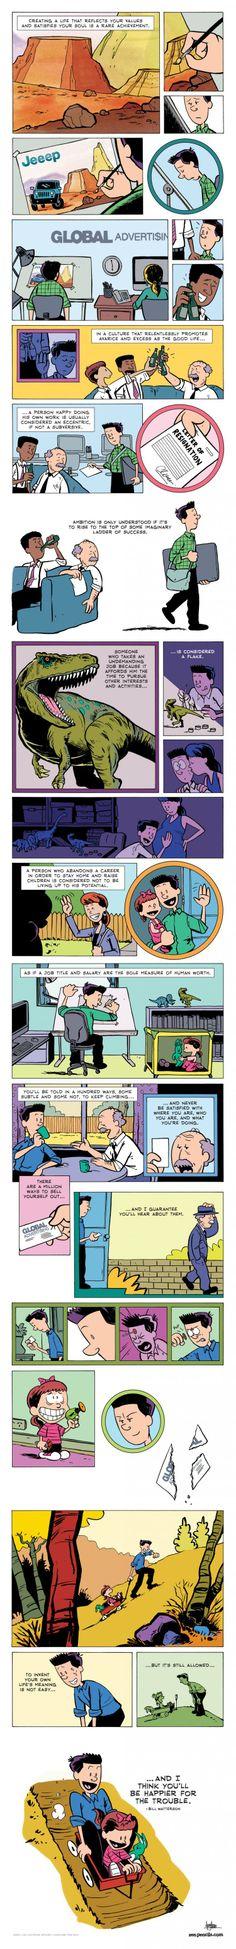 Bill Watterson: A cartoonist's advice   StockLogos.com I do still miss Calvin  Smart words from a smart man.